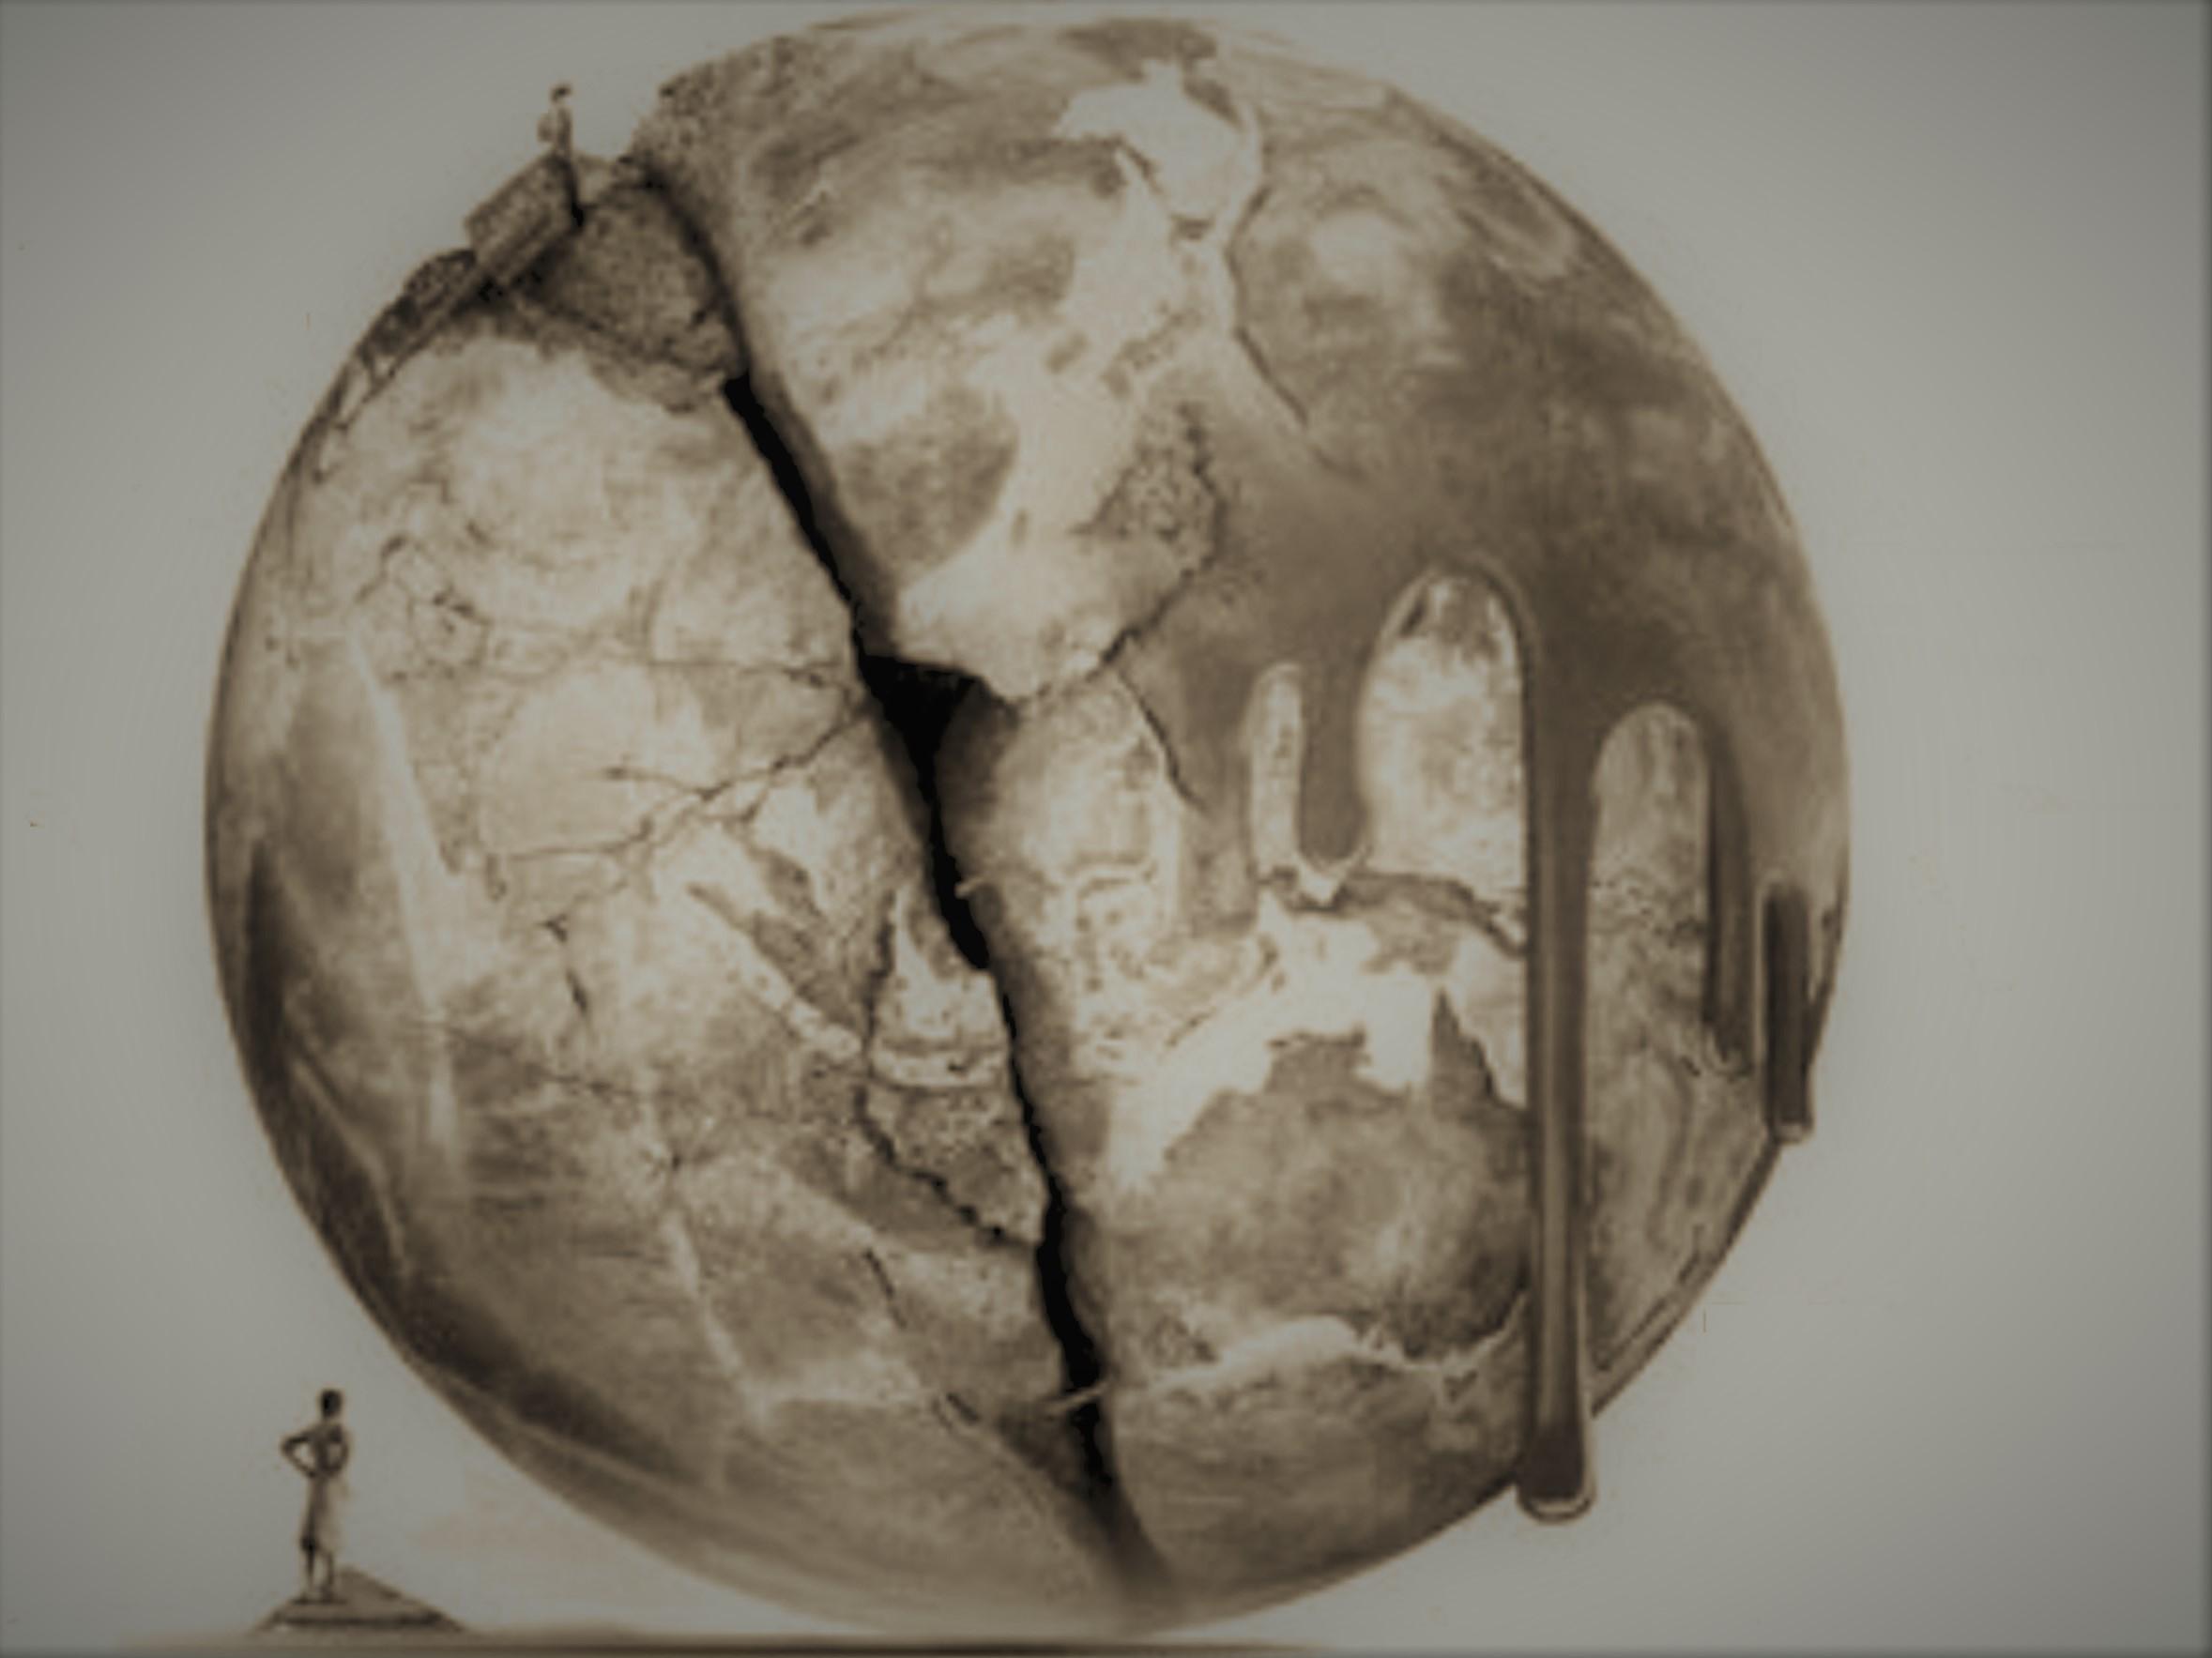 जलवायु परिवर्तन (फोटो साभार: राष्ट्रीय सहारा)